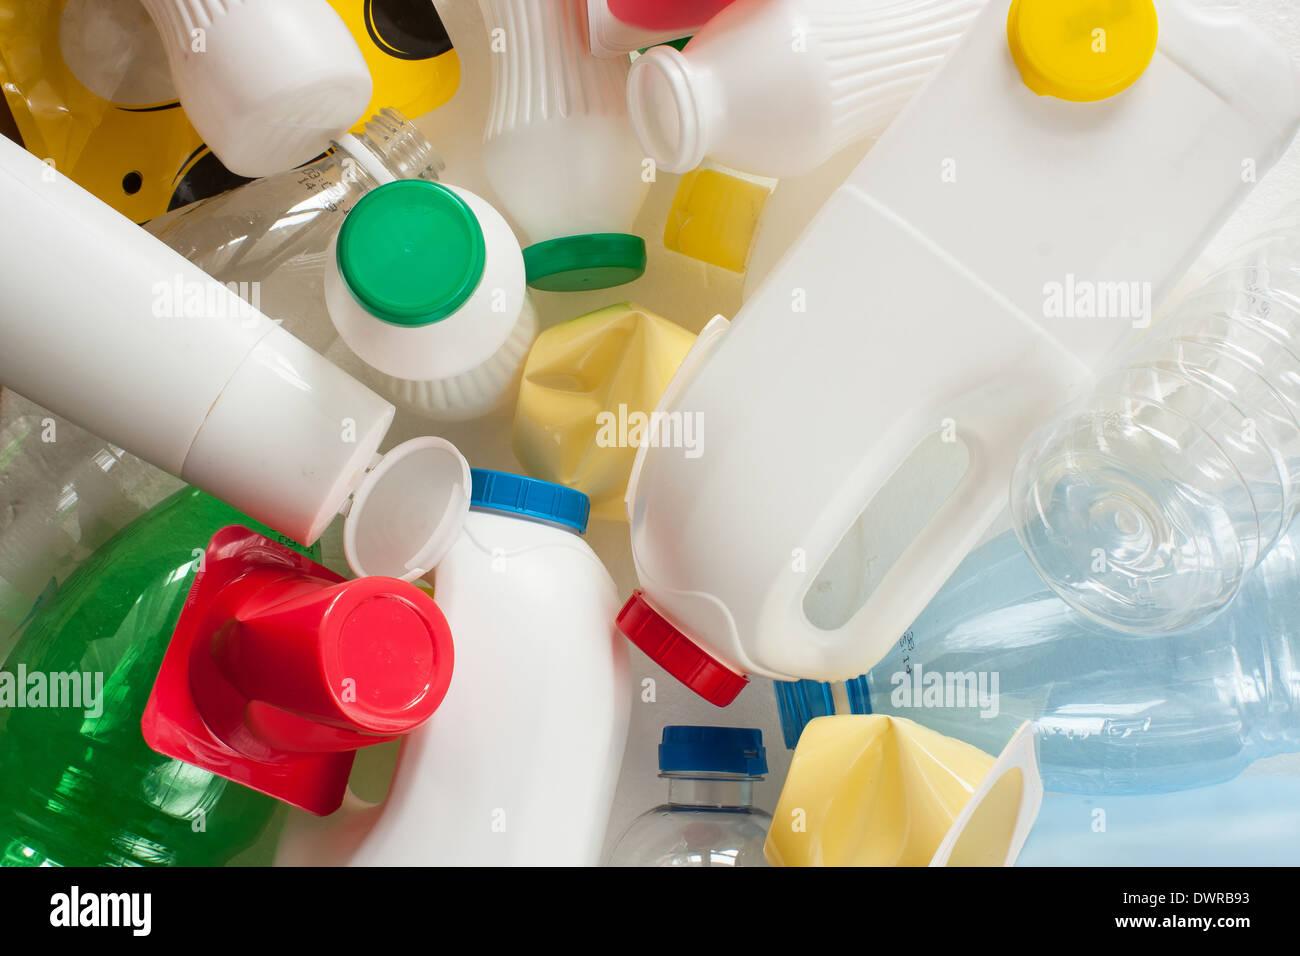 Segregati in plastica rifiuti pronti per il riciclaggio Immagini Stock